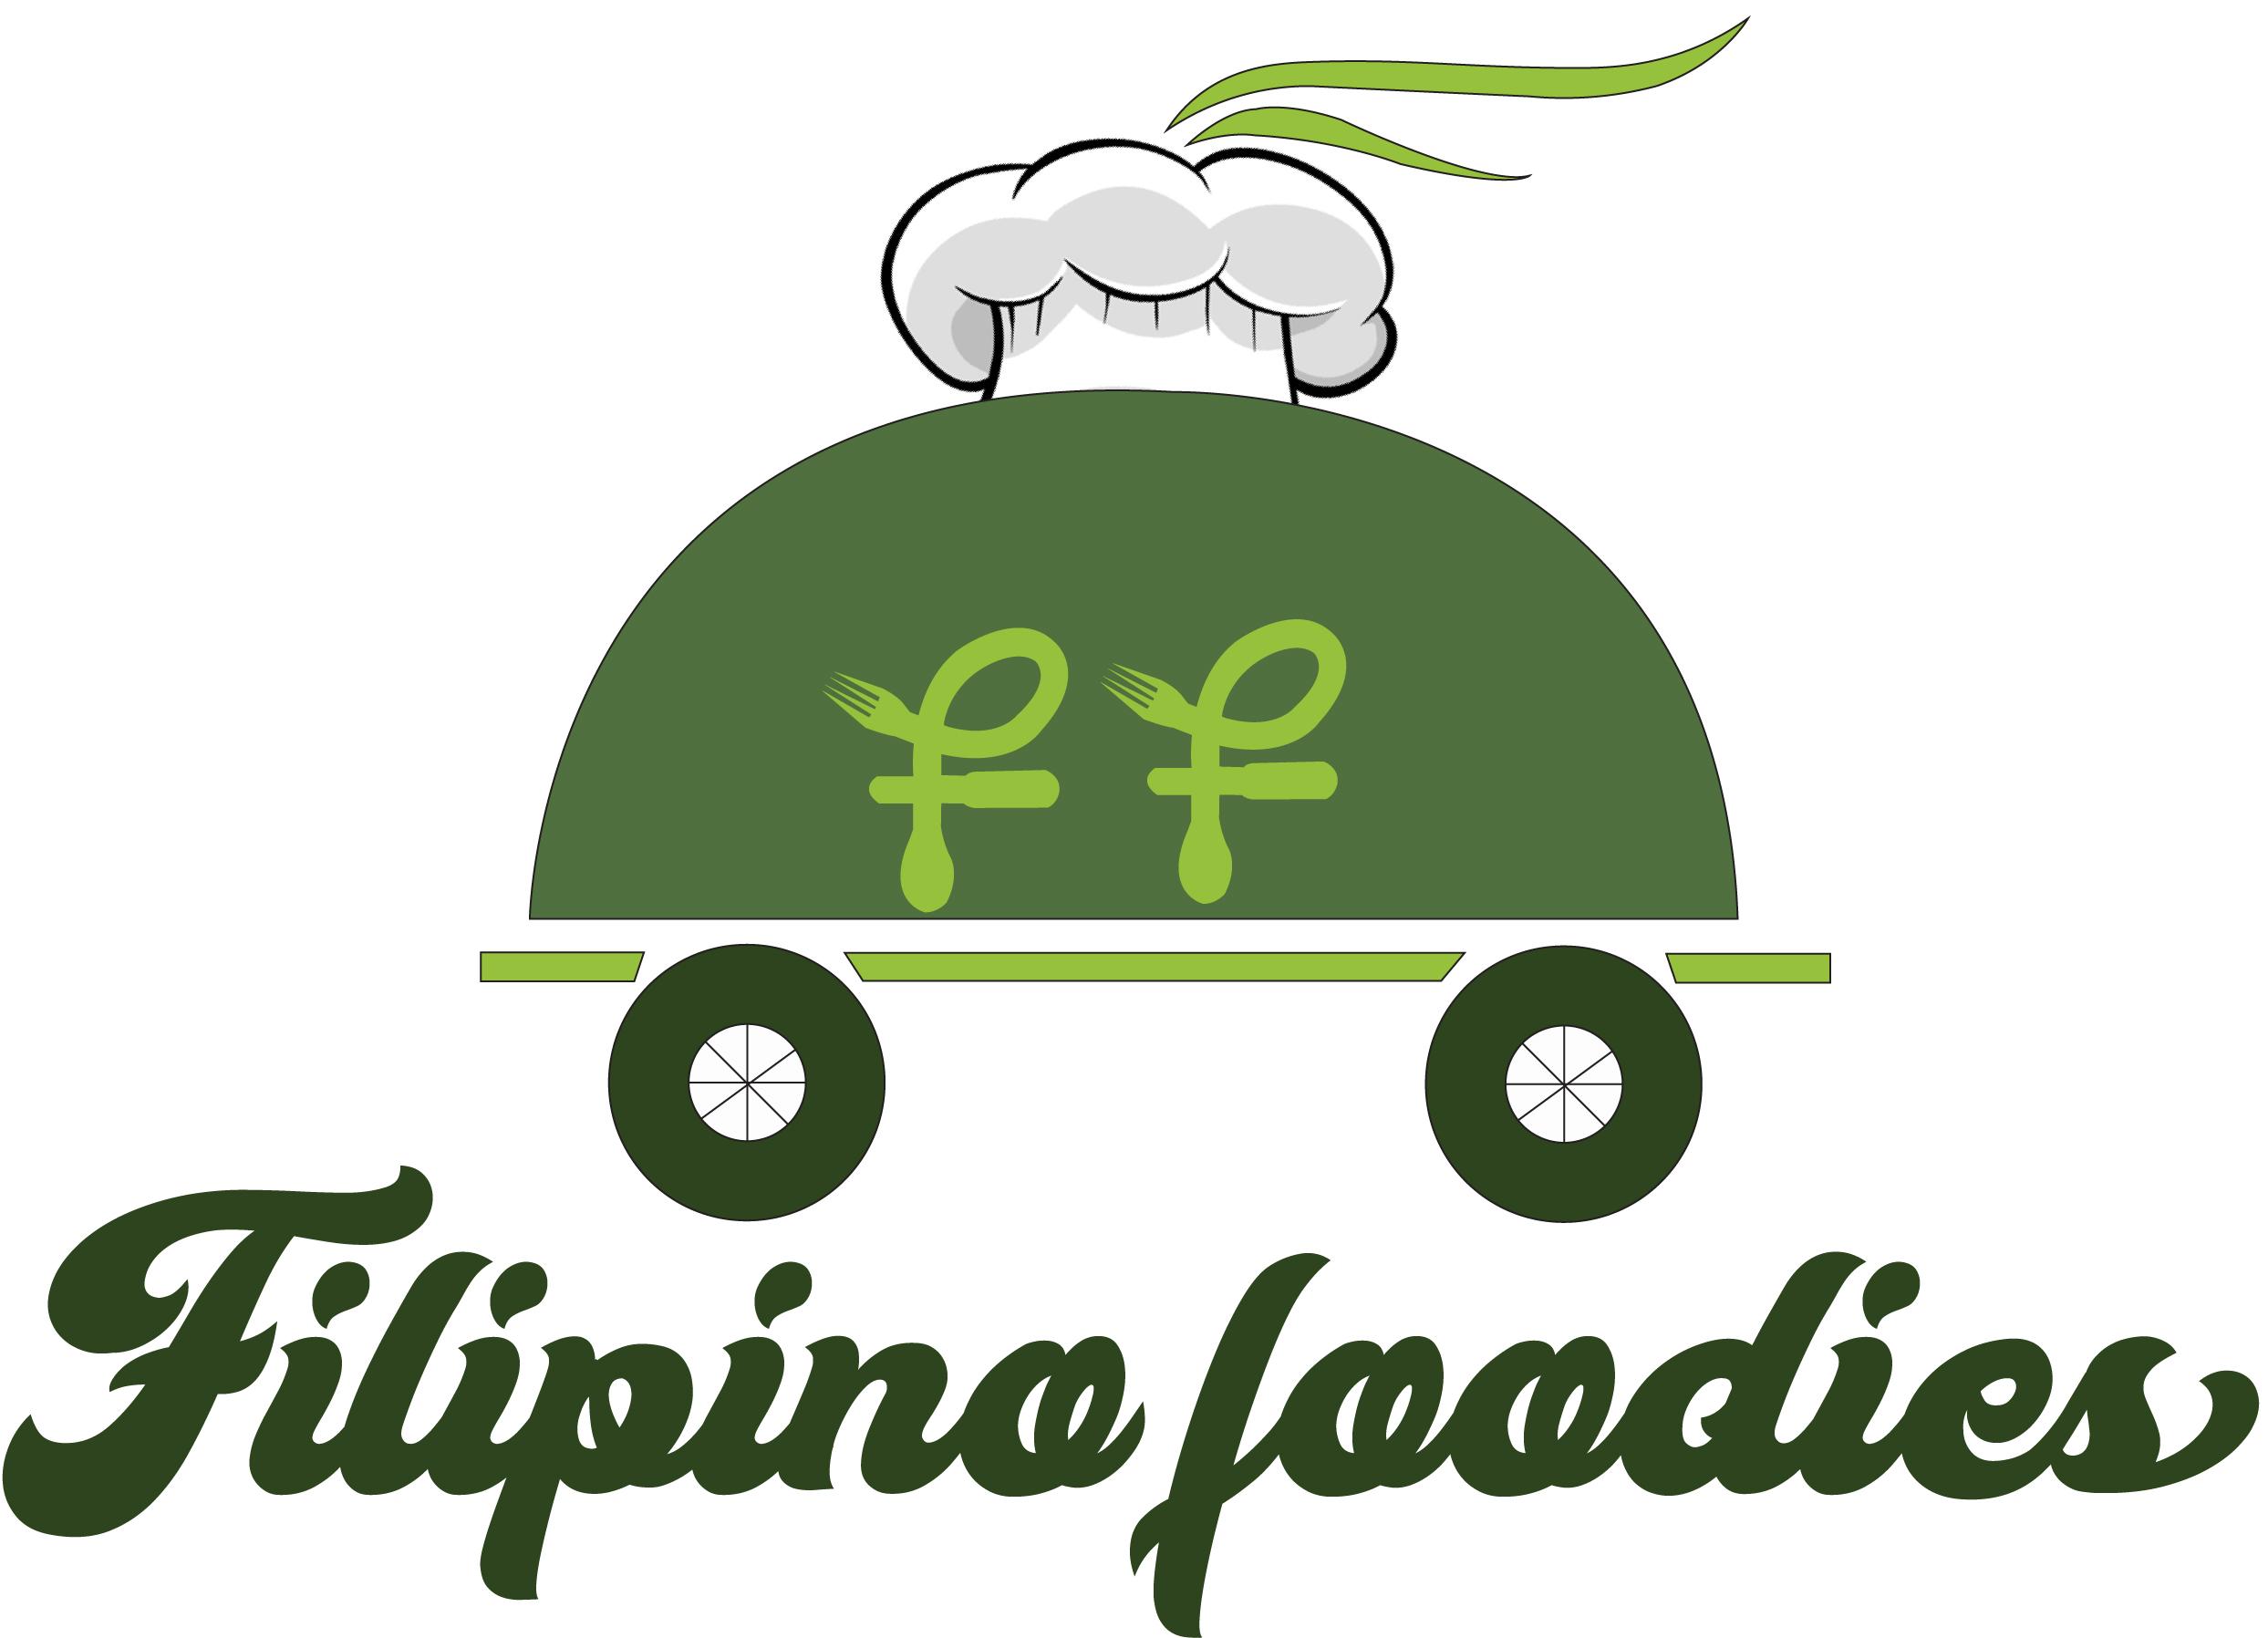 filipino foodies jpg.jpg